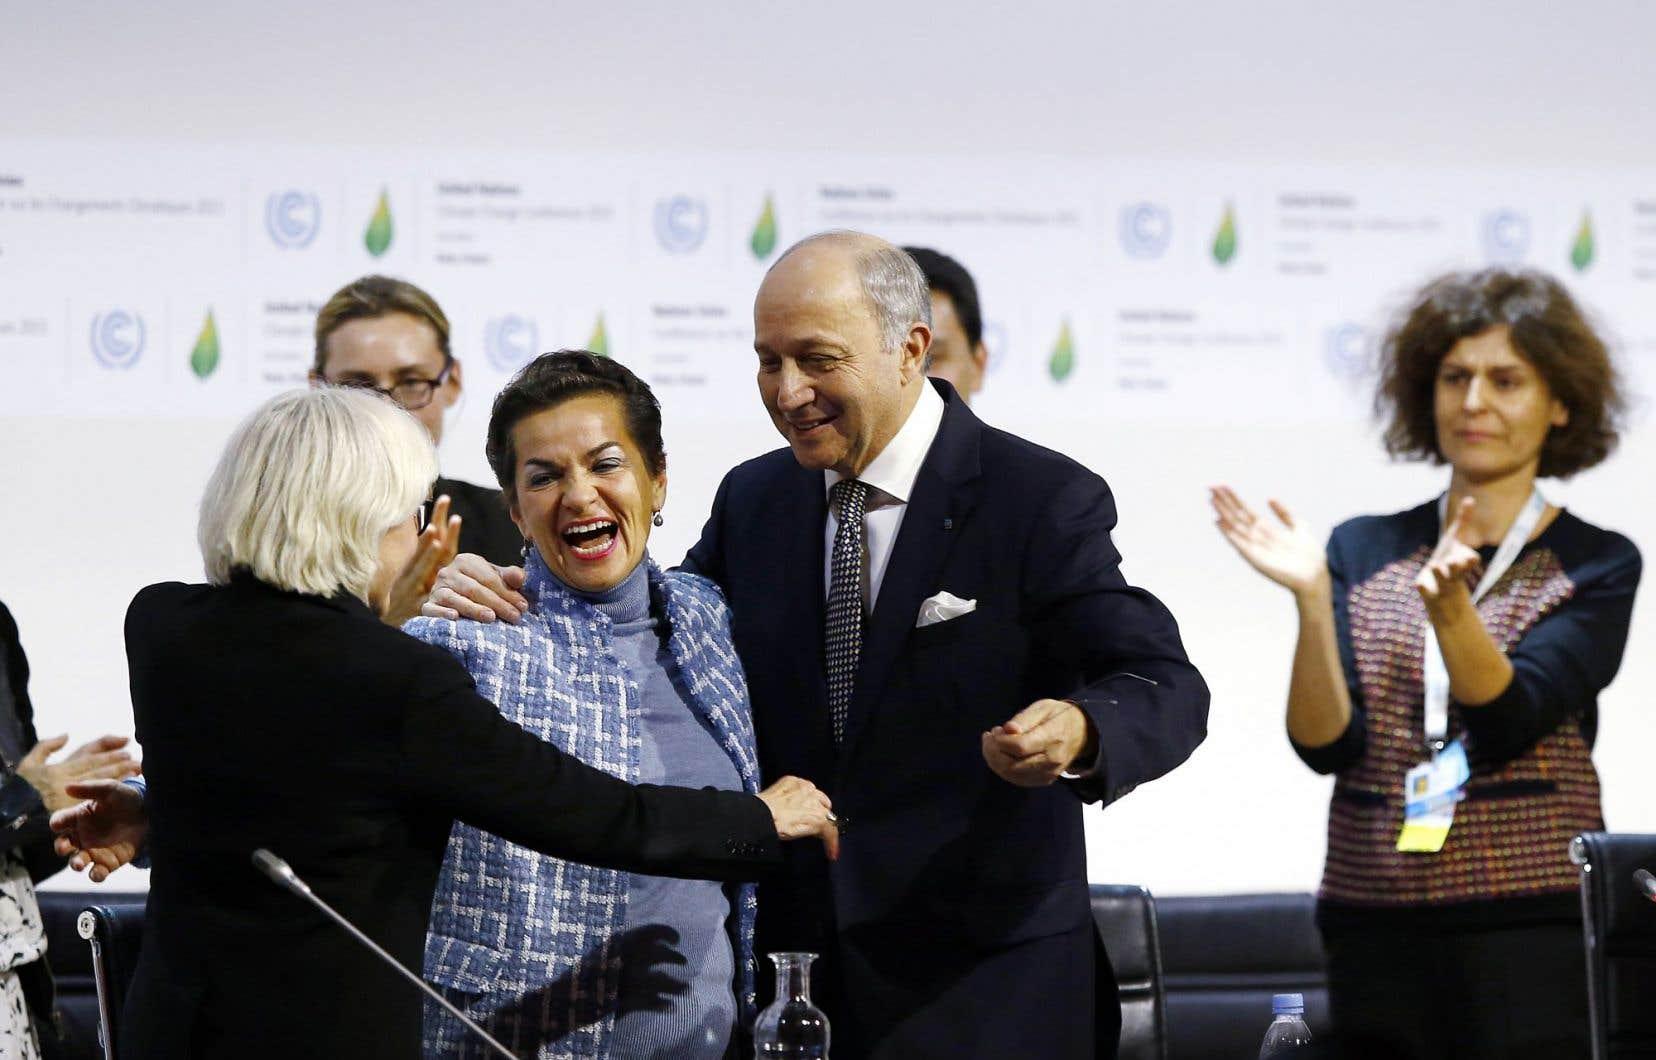 C'est dans l'euphorie que les dirigeants ont adopté l'Accord de Paris, samedi. Ci-dessus, Christiana Figueres, la chef des Nations unies pour la question climatique (au centre), faisant une accolade à la déléguée française Laurence Tubiana, et au président de la COP21, Laurent Fabius.